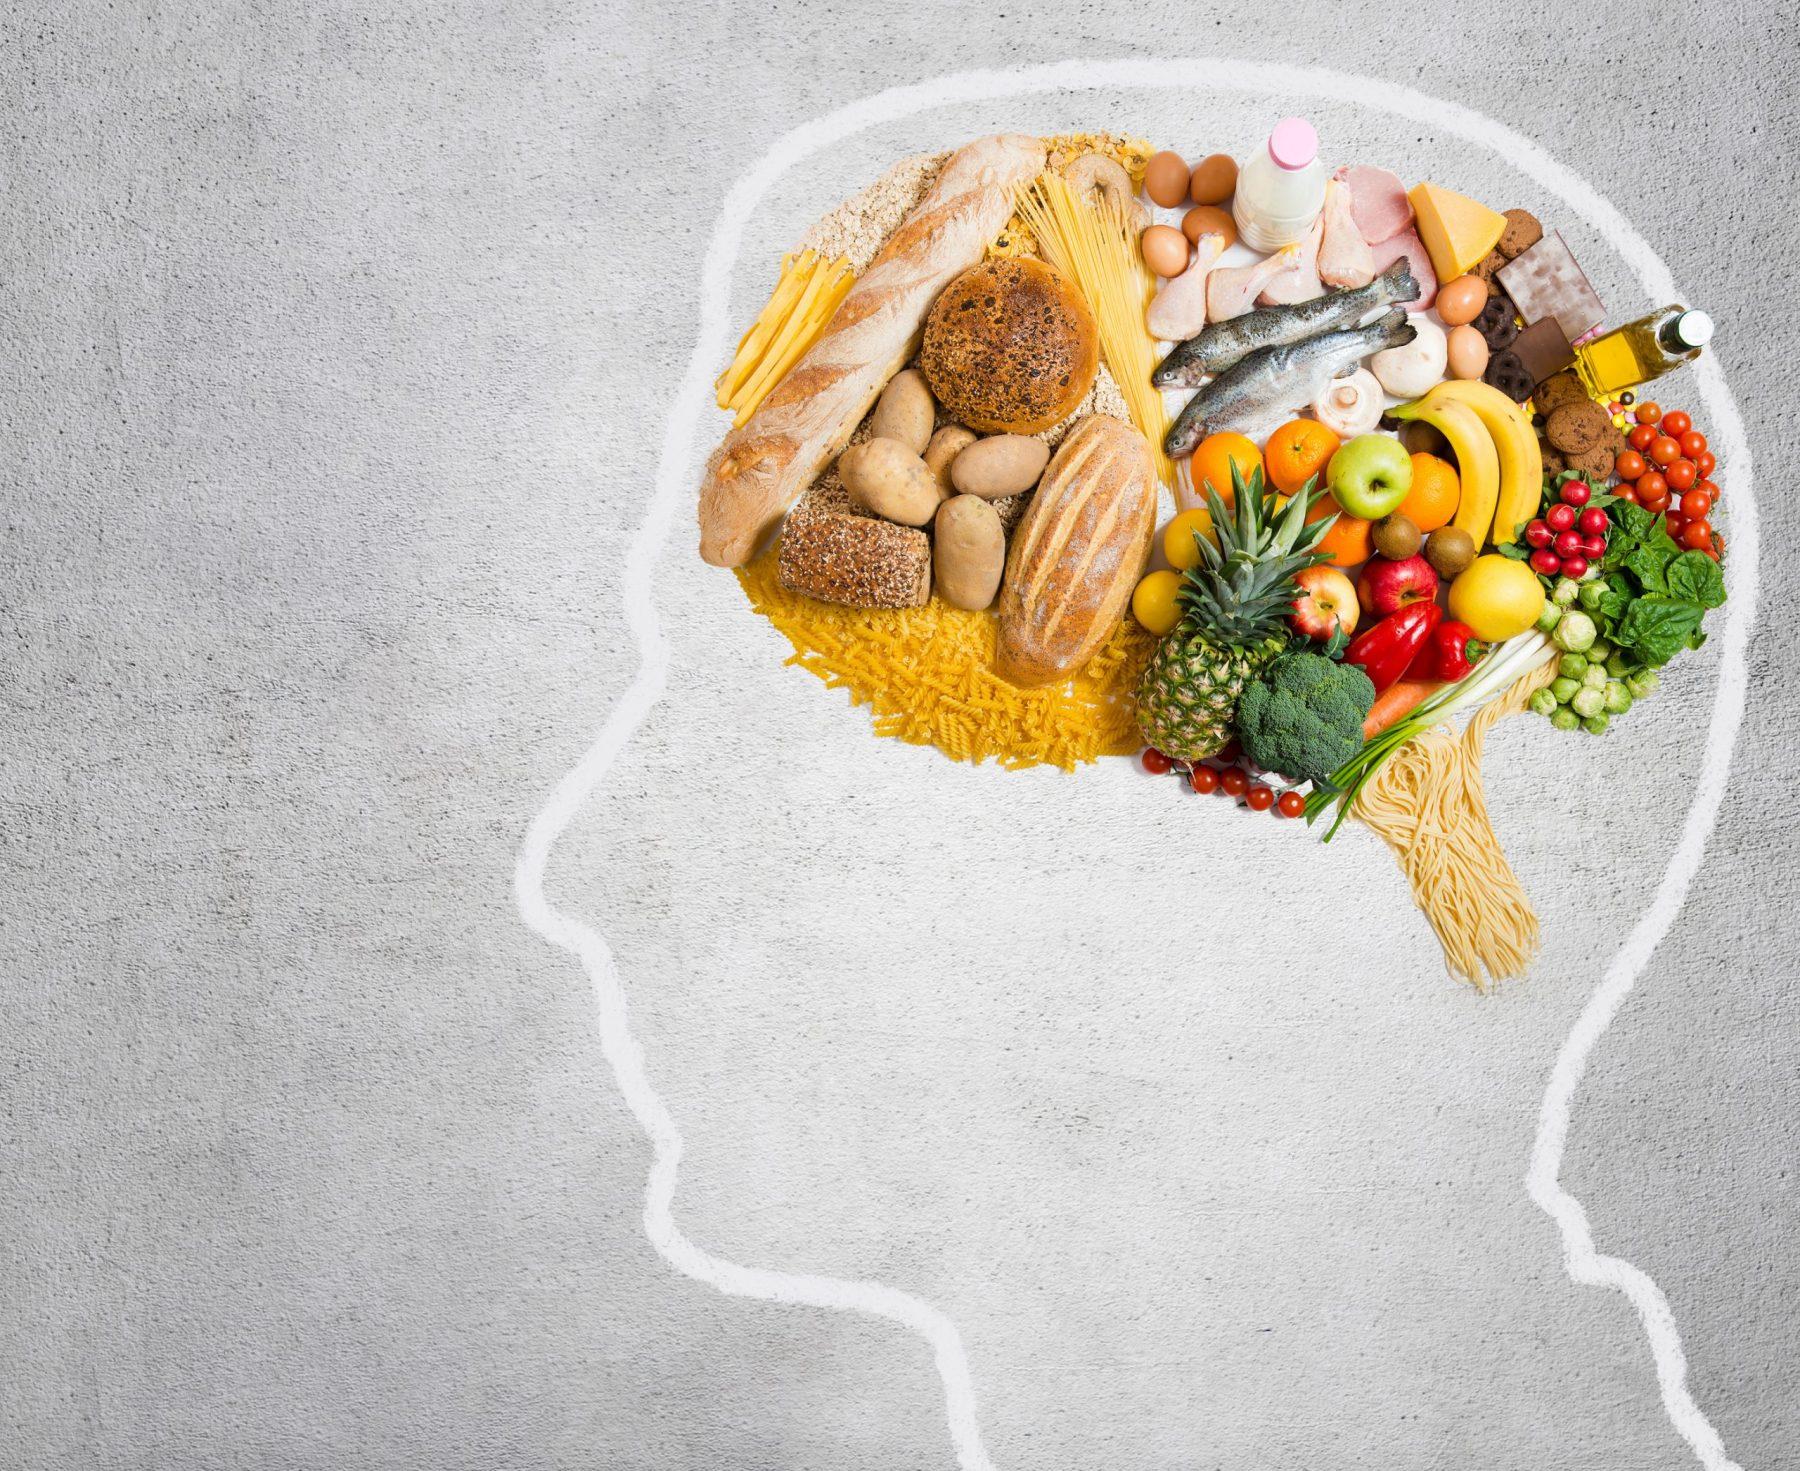 Διατροφή και υγεία: Καλύτερη διατροφή, καλύτερη εγκεφαλική λειτουργία